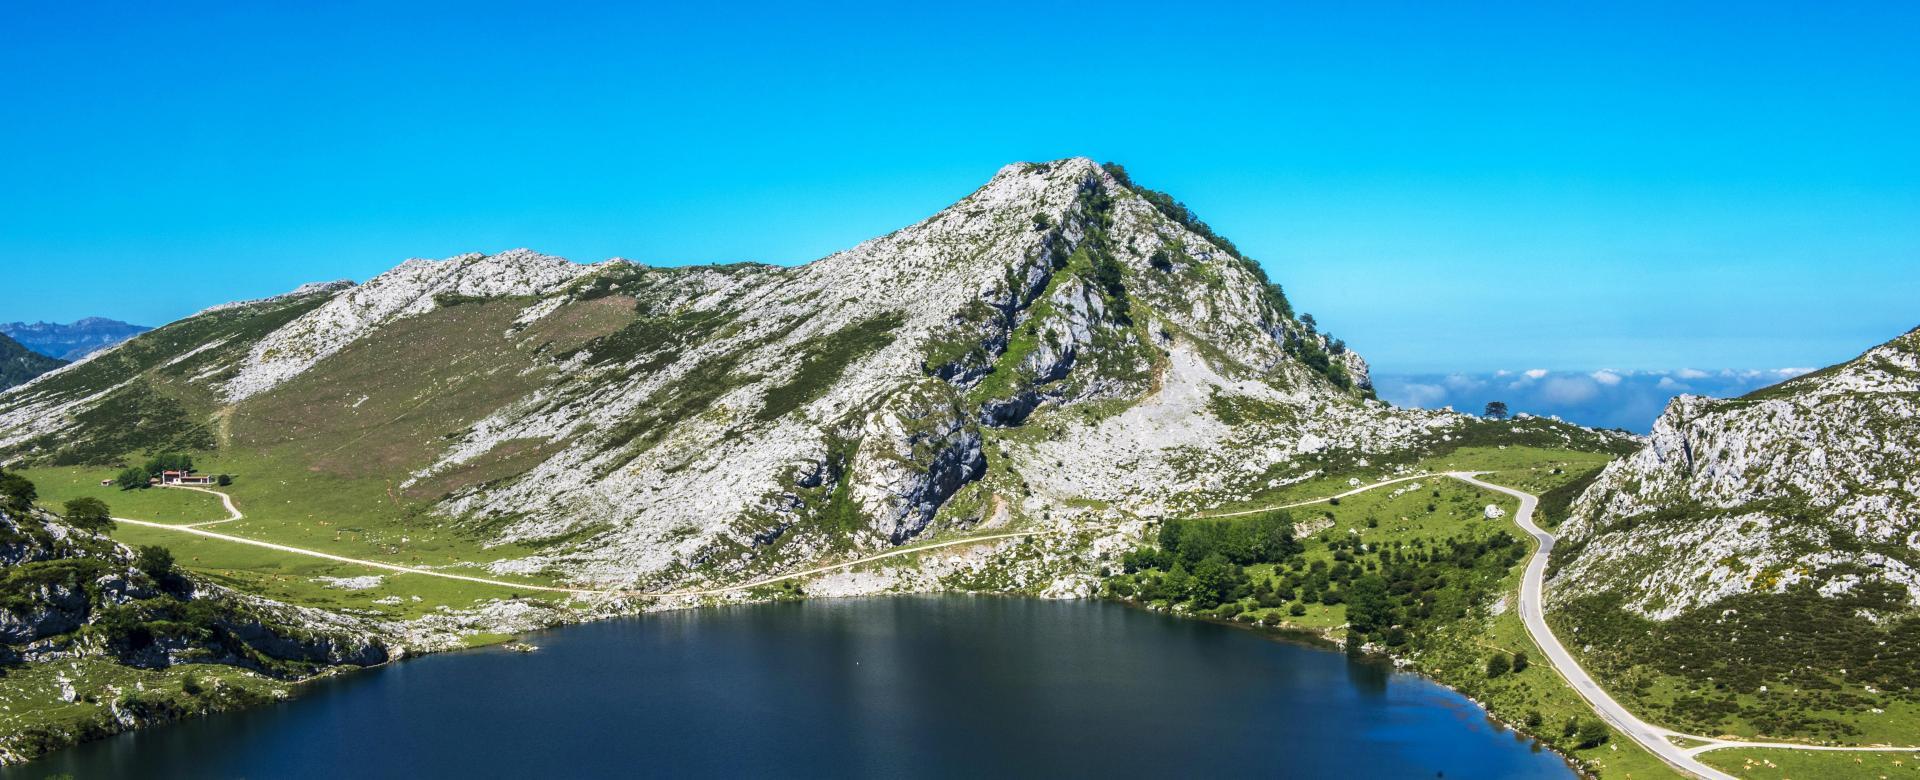 Voyage en véhicule Espagne : Des picos de europa à la mer à vélo